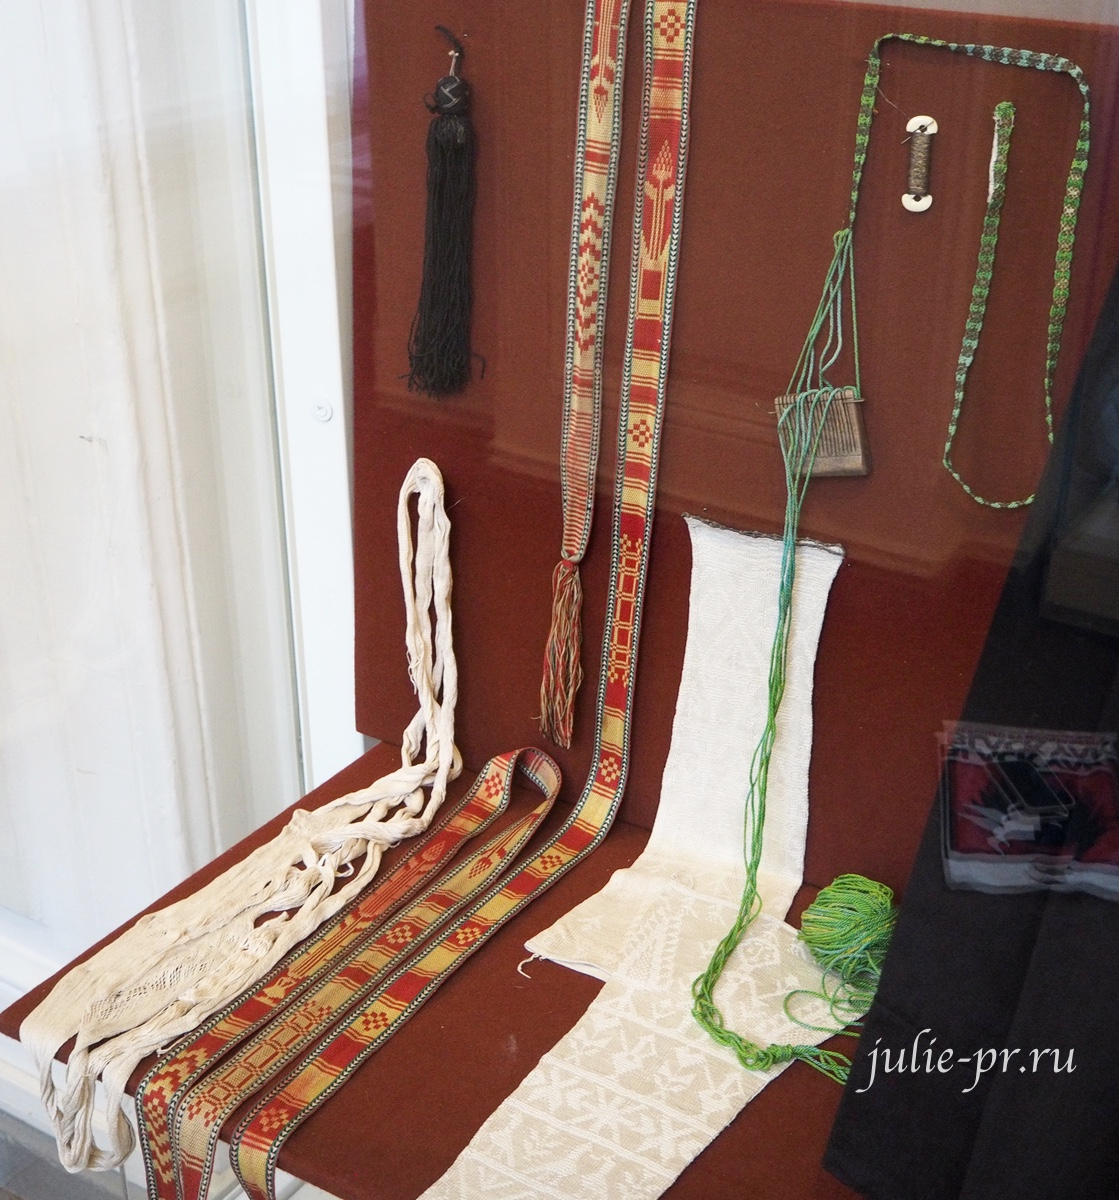 Российский этнографический музей, выставка шелковая тема, Санкт-Петербург